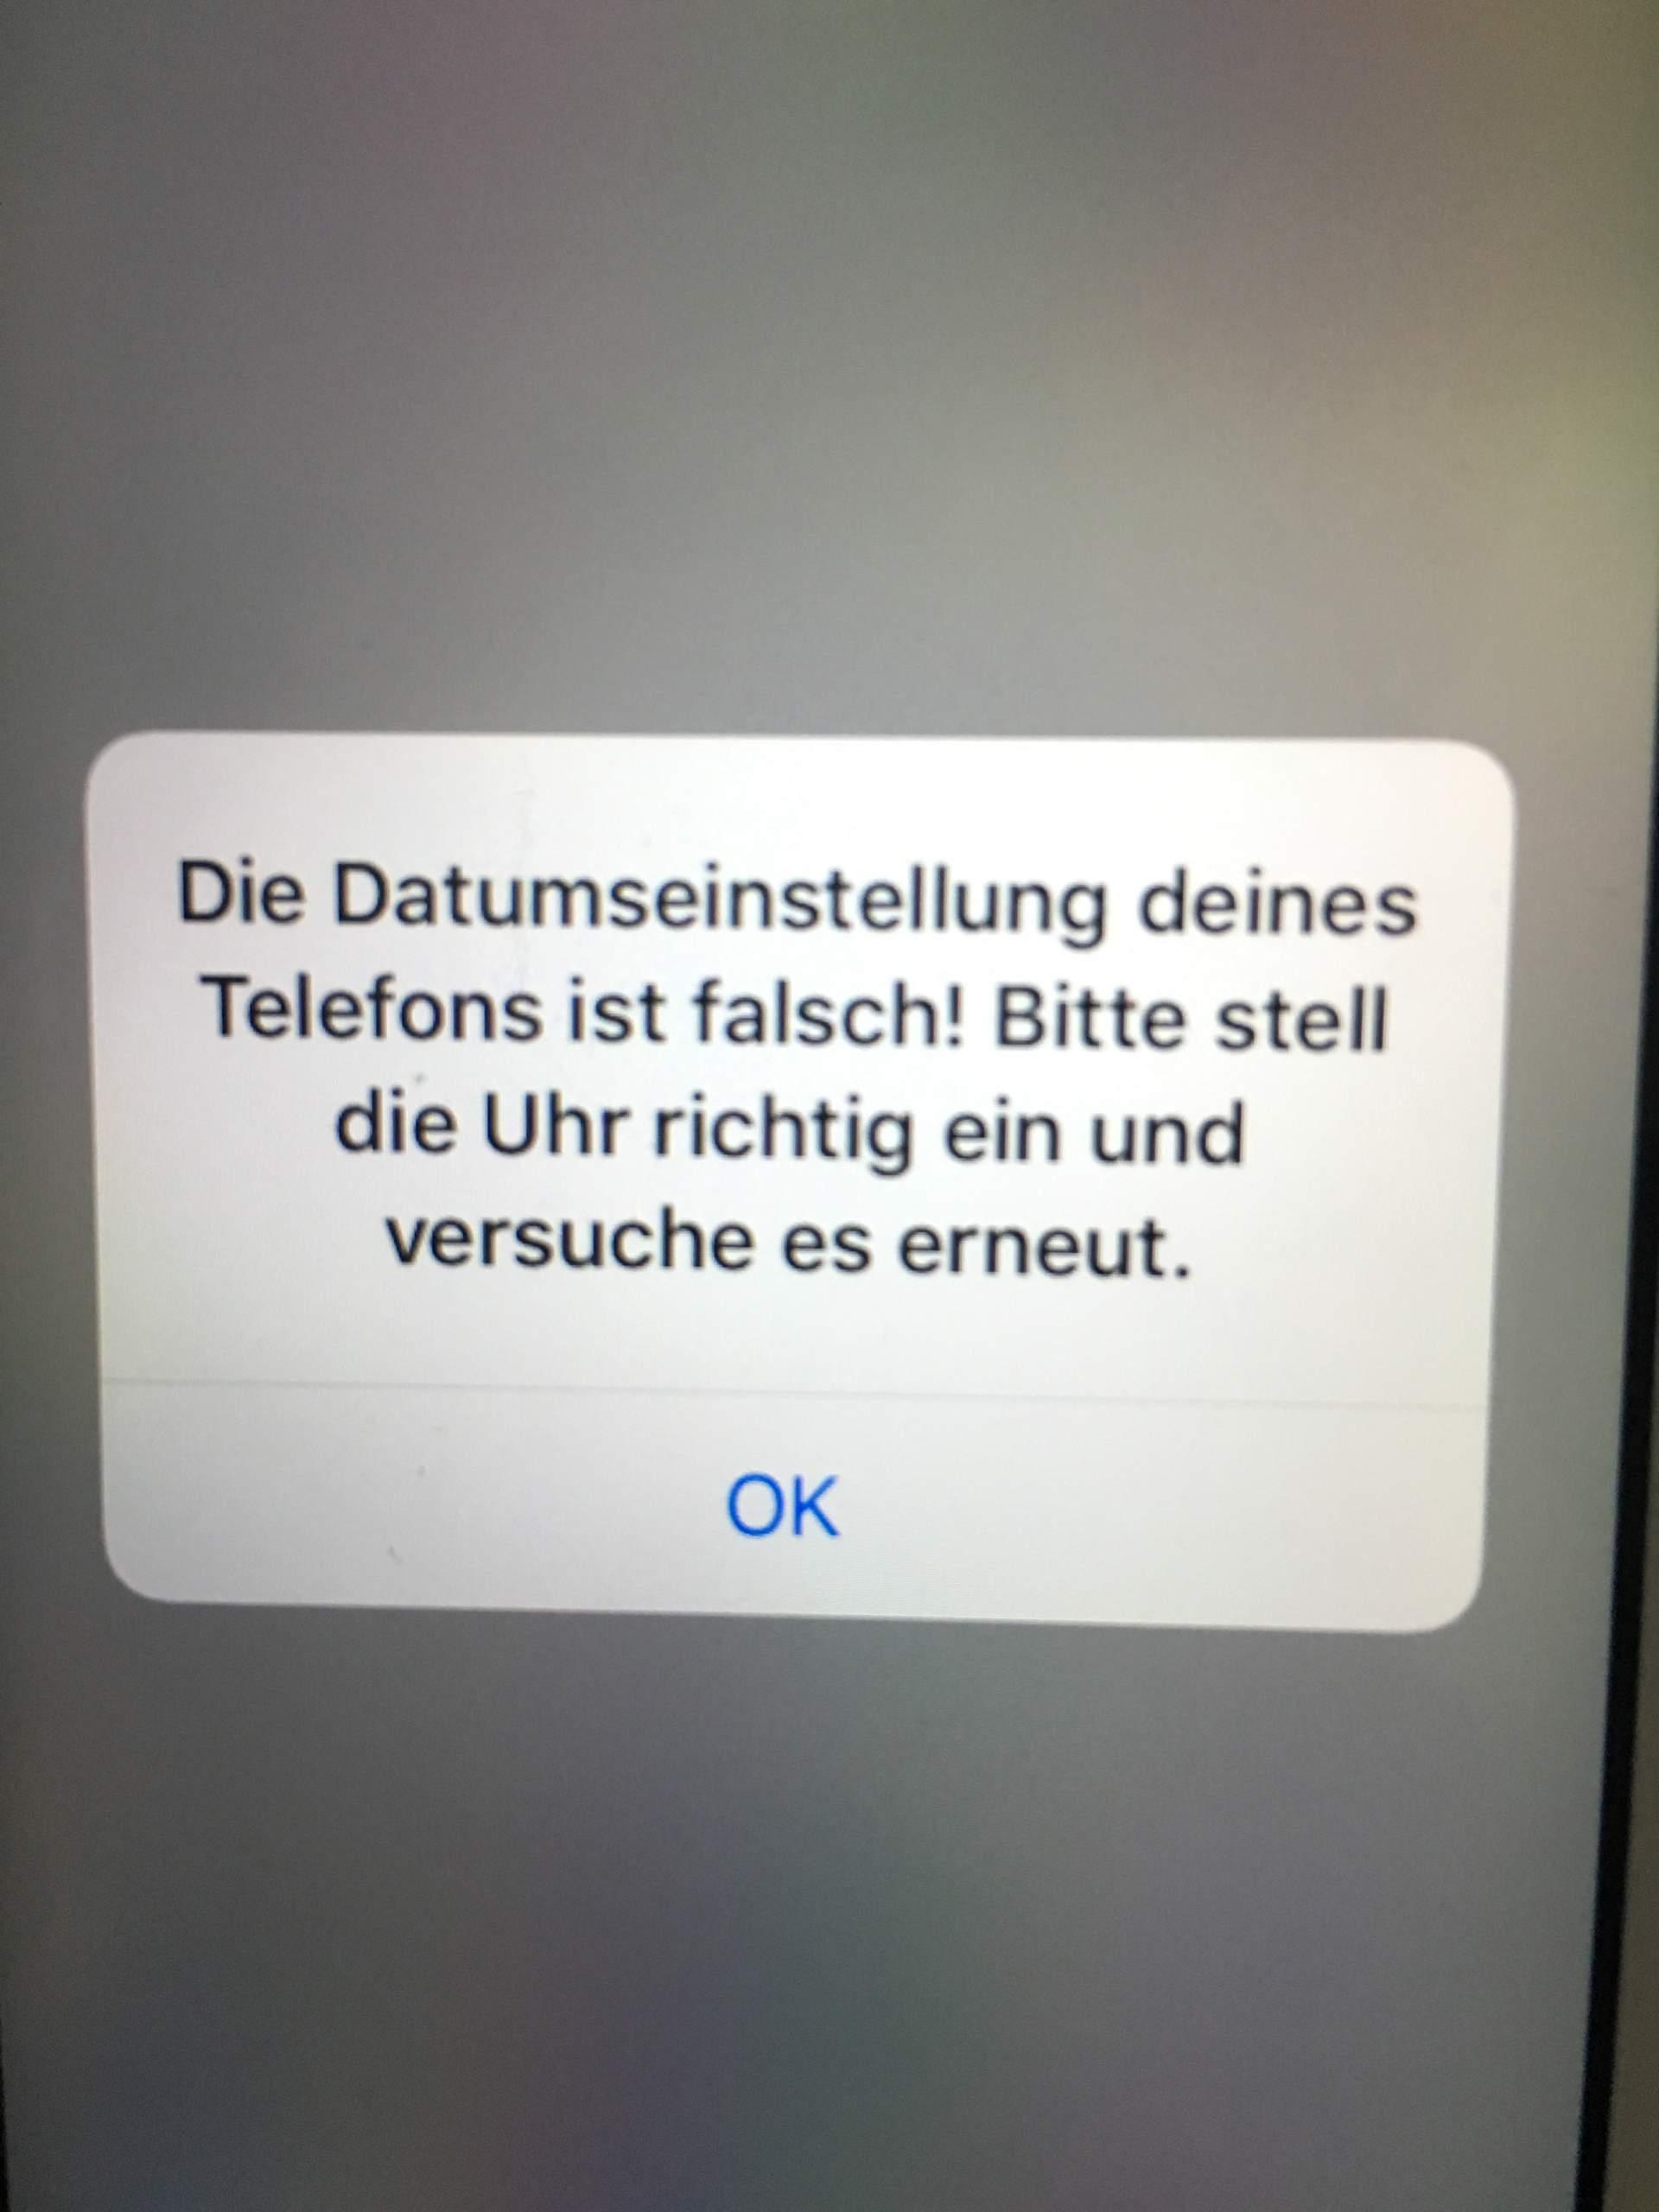 Whatsapp zuletzt online uhrzeit manipulieren